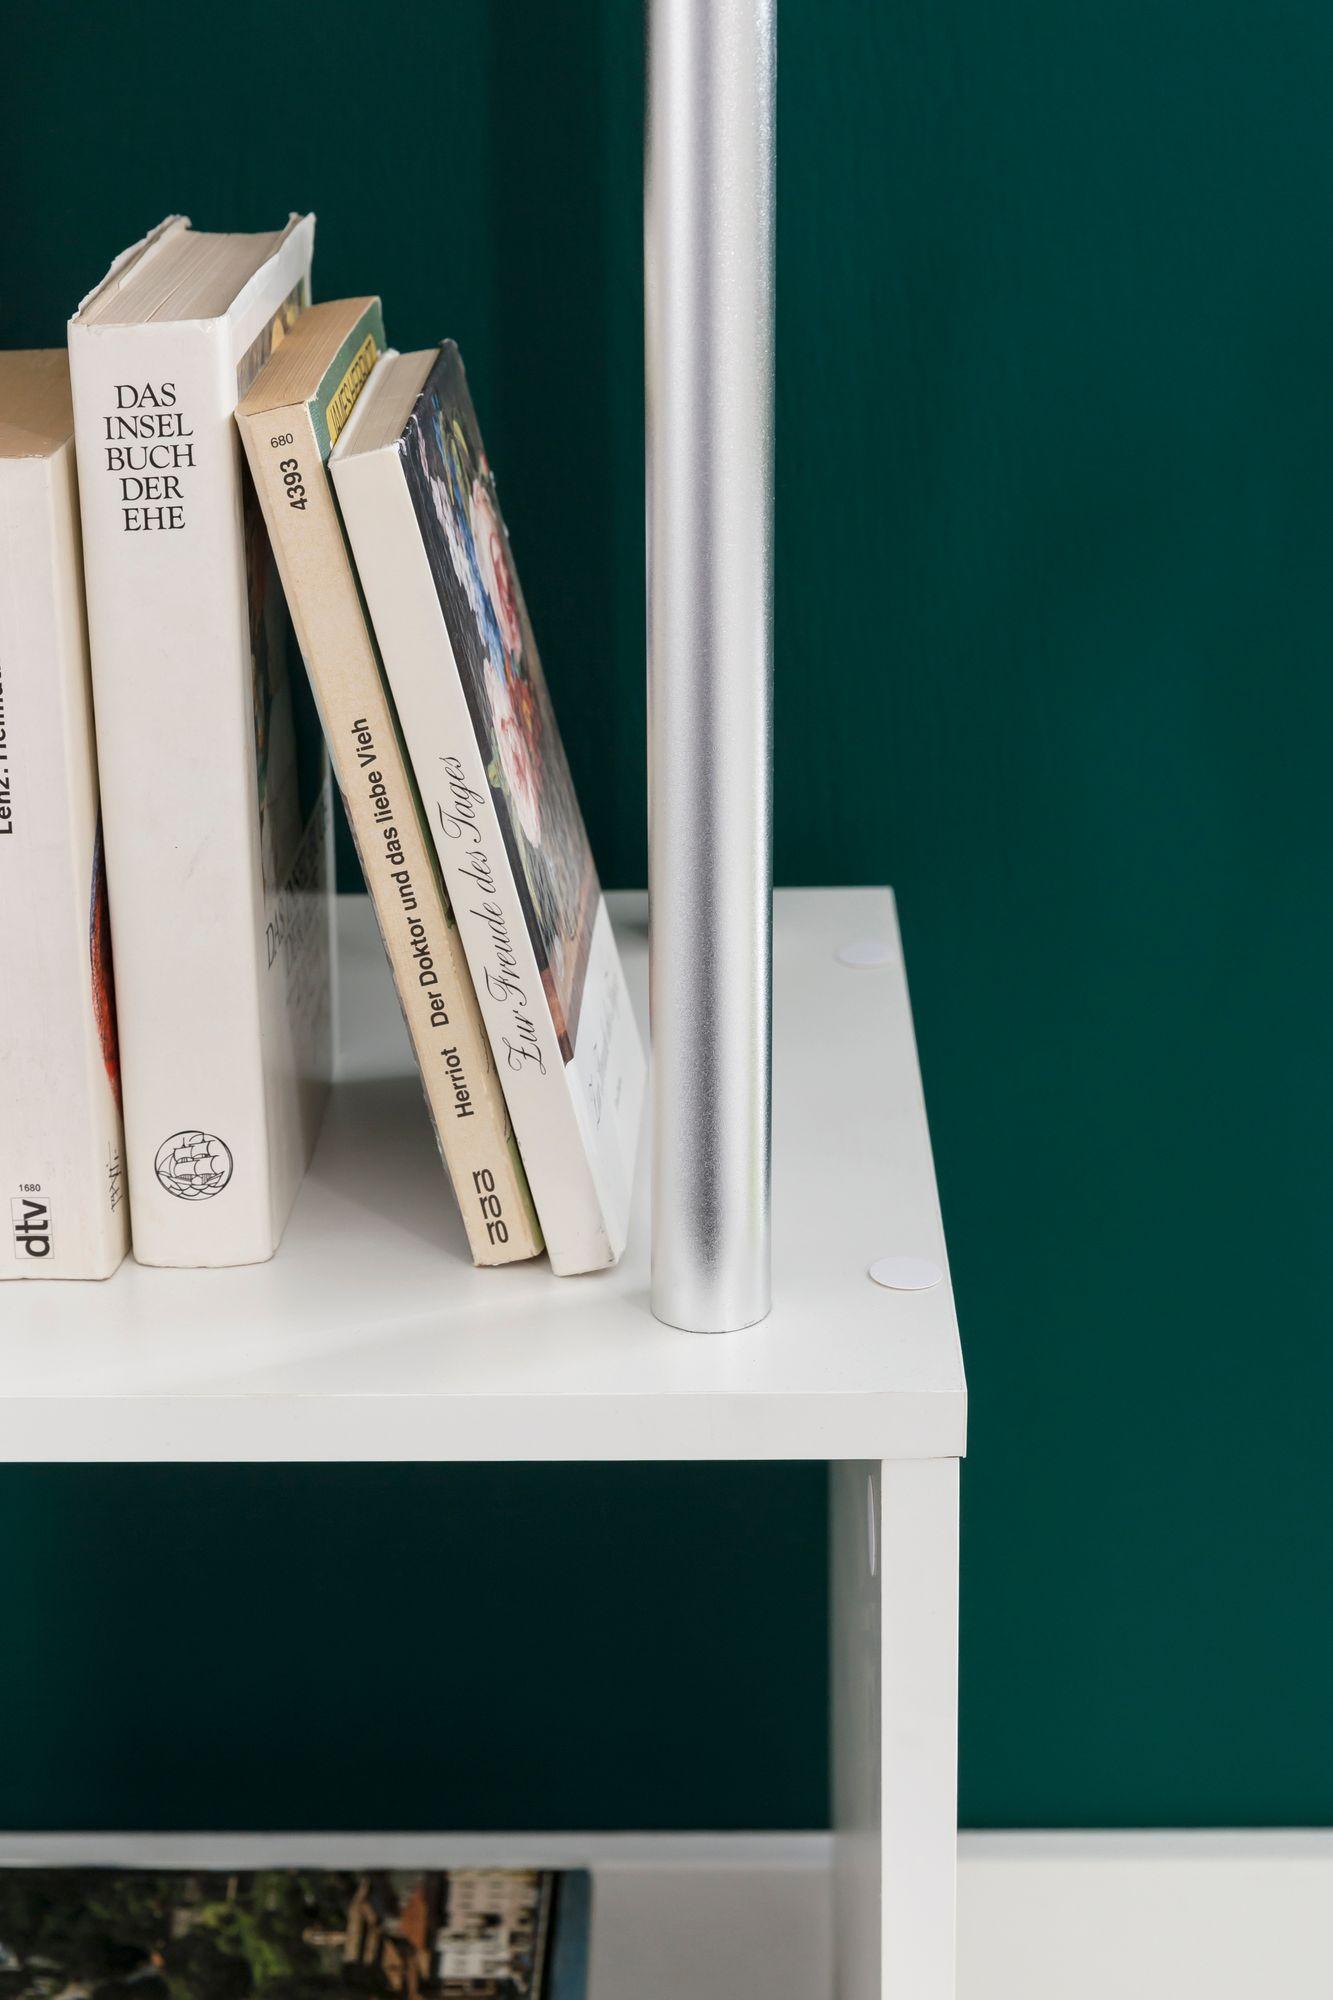 FineBuy Standregal Bücherregal Groß Regal Hoch Raumteiler Freistehend Holzregal